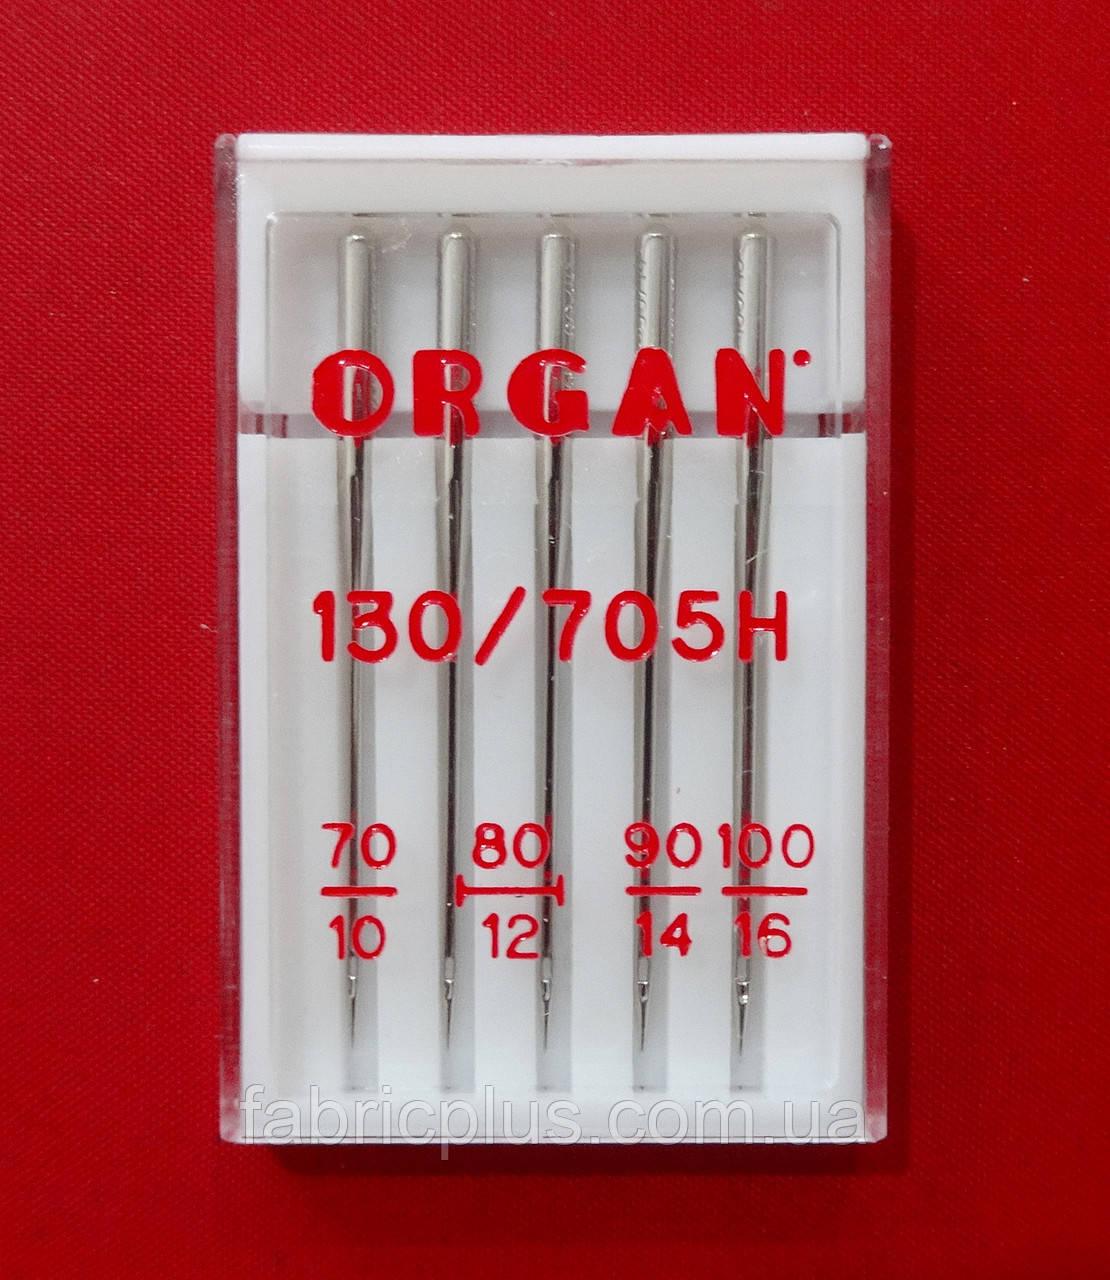 Иглы для бытовых машин Organ № 70-80-90-100 (5 шт) Япония